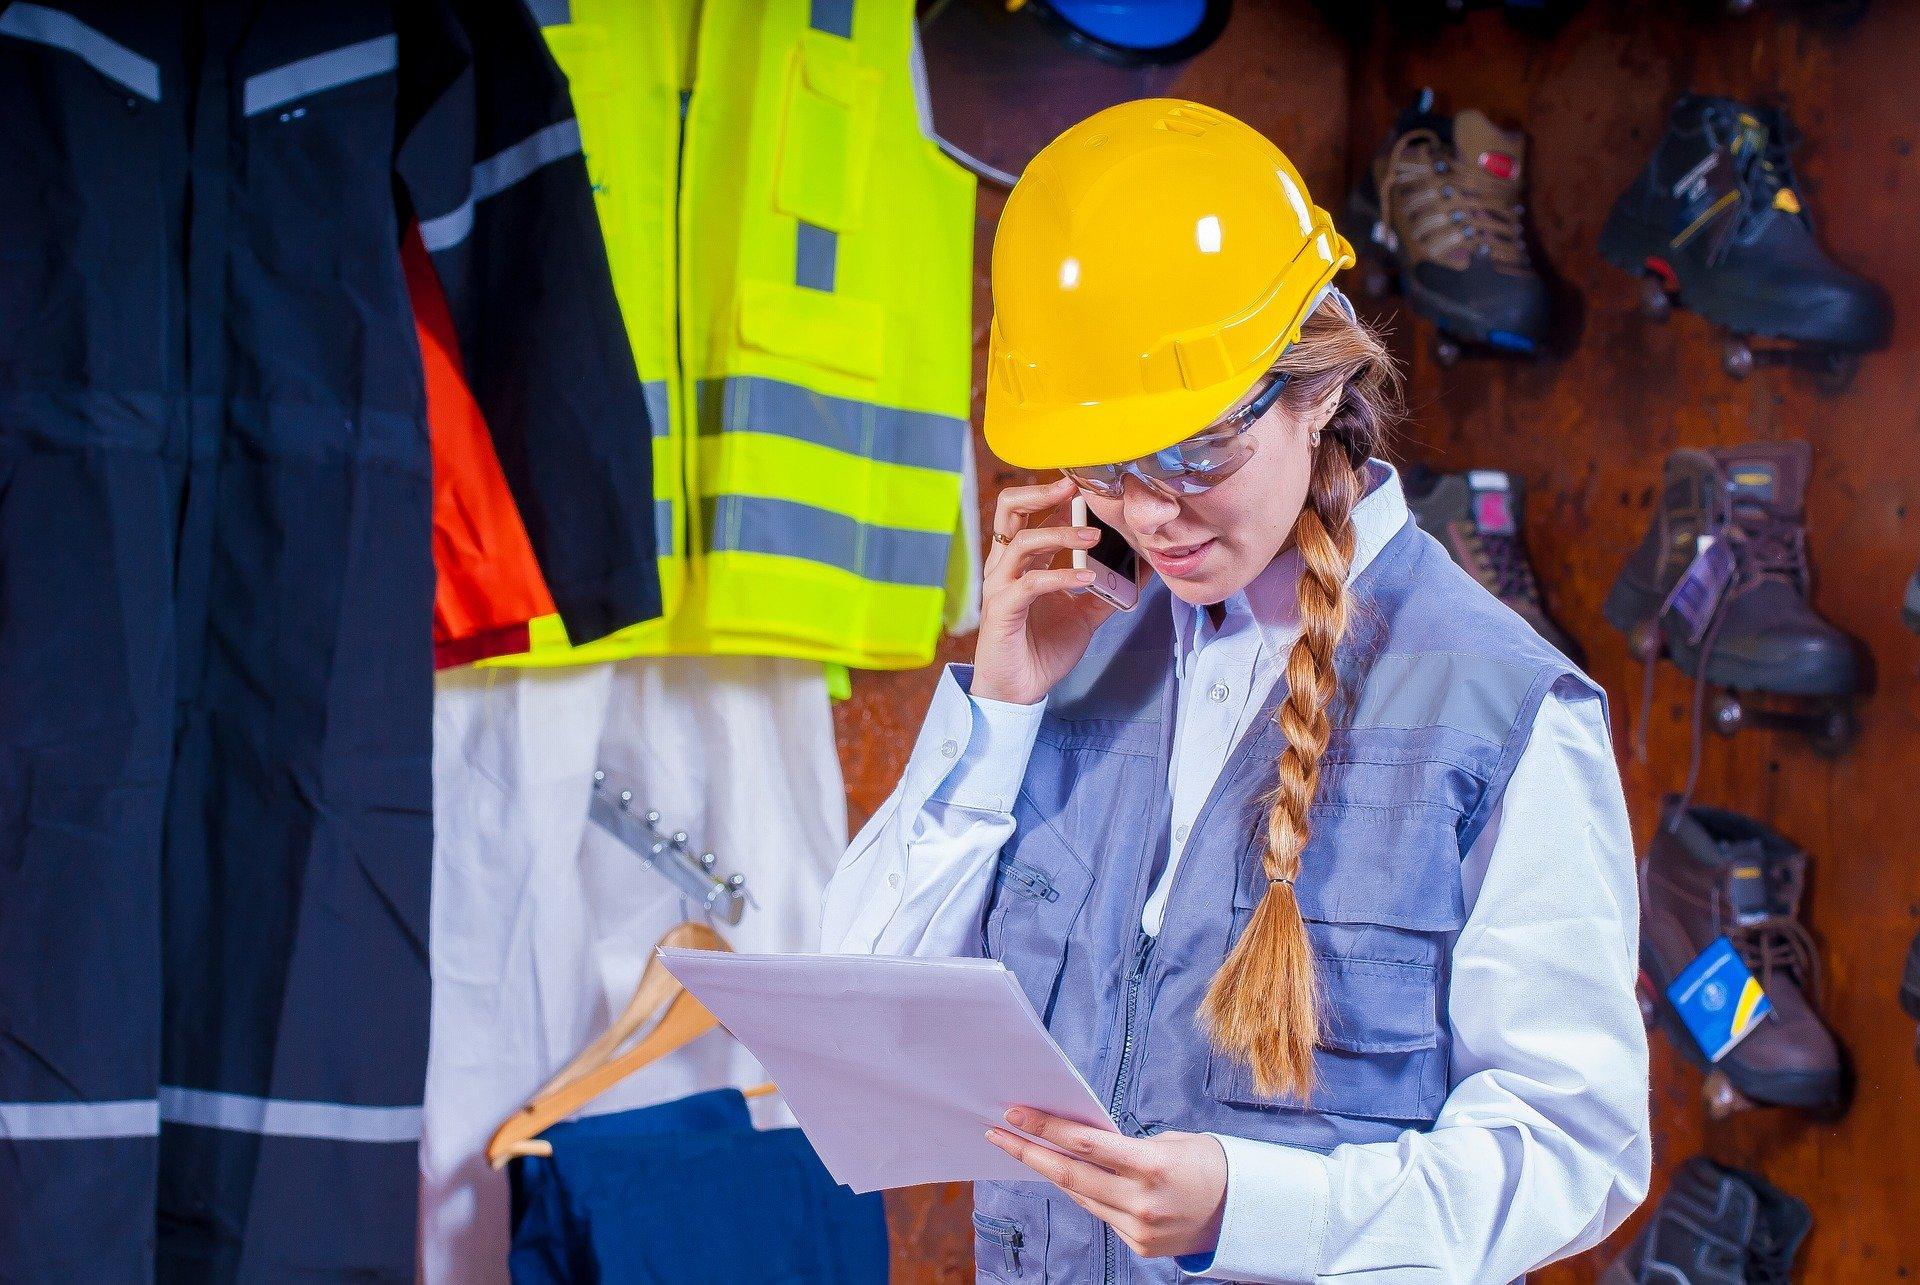 75 mln zł na poprawę bezpieczeństwa pracy  - Zdjęcie główne